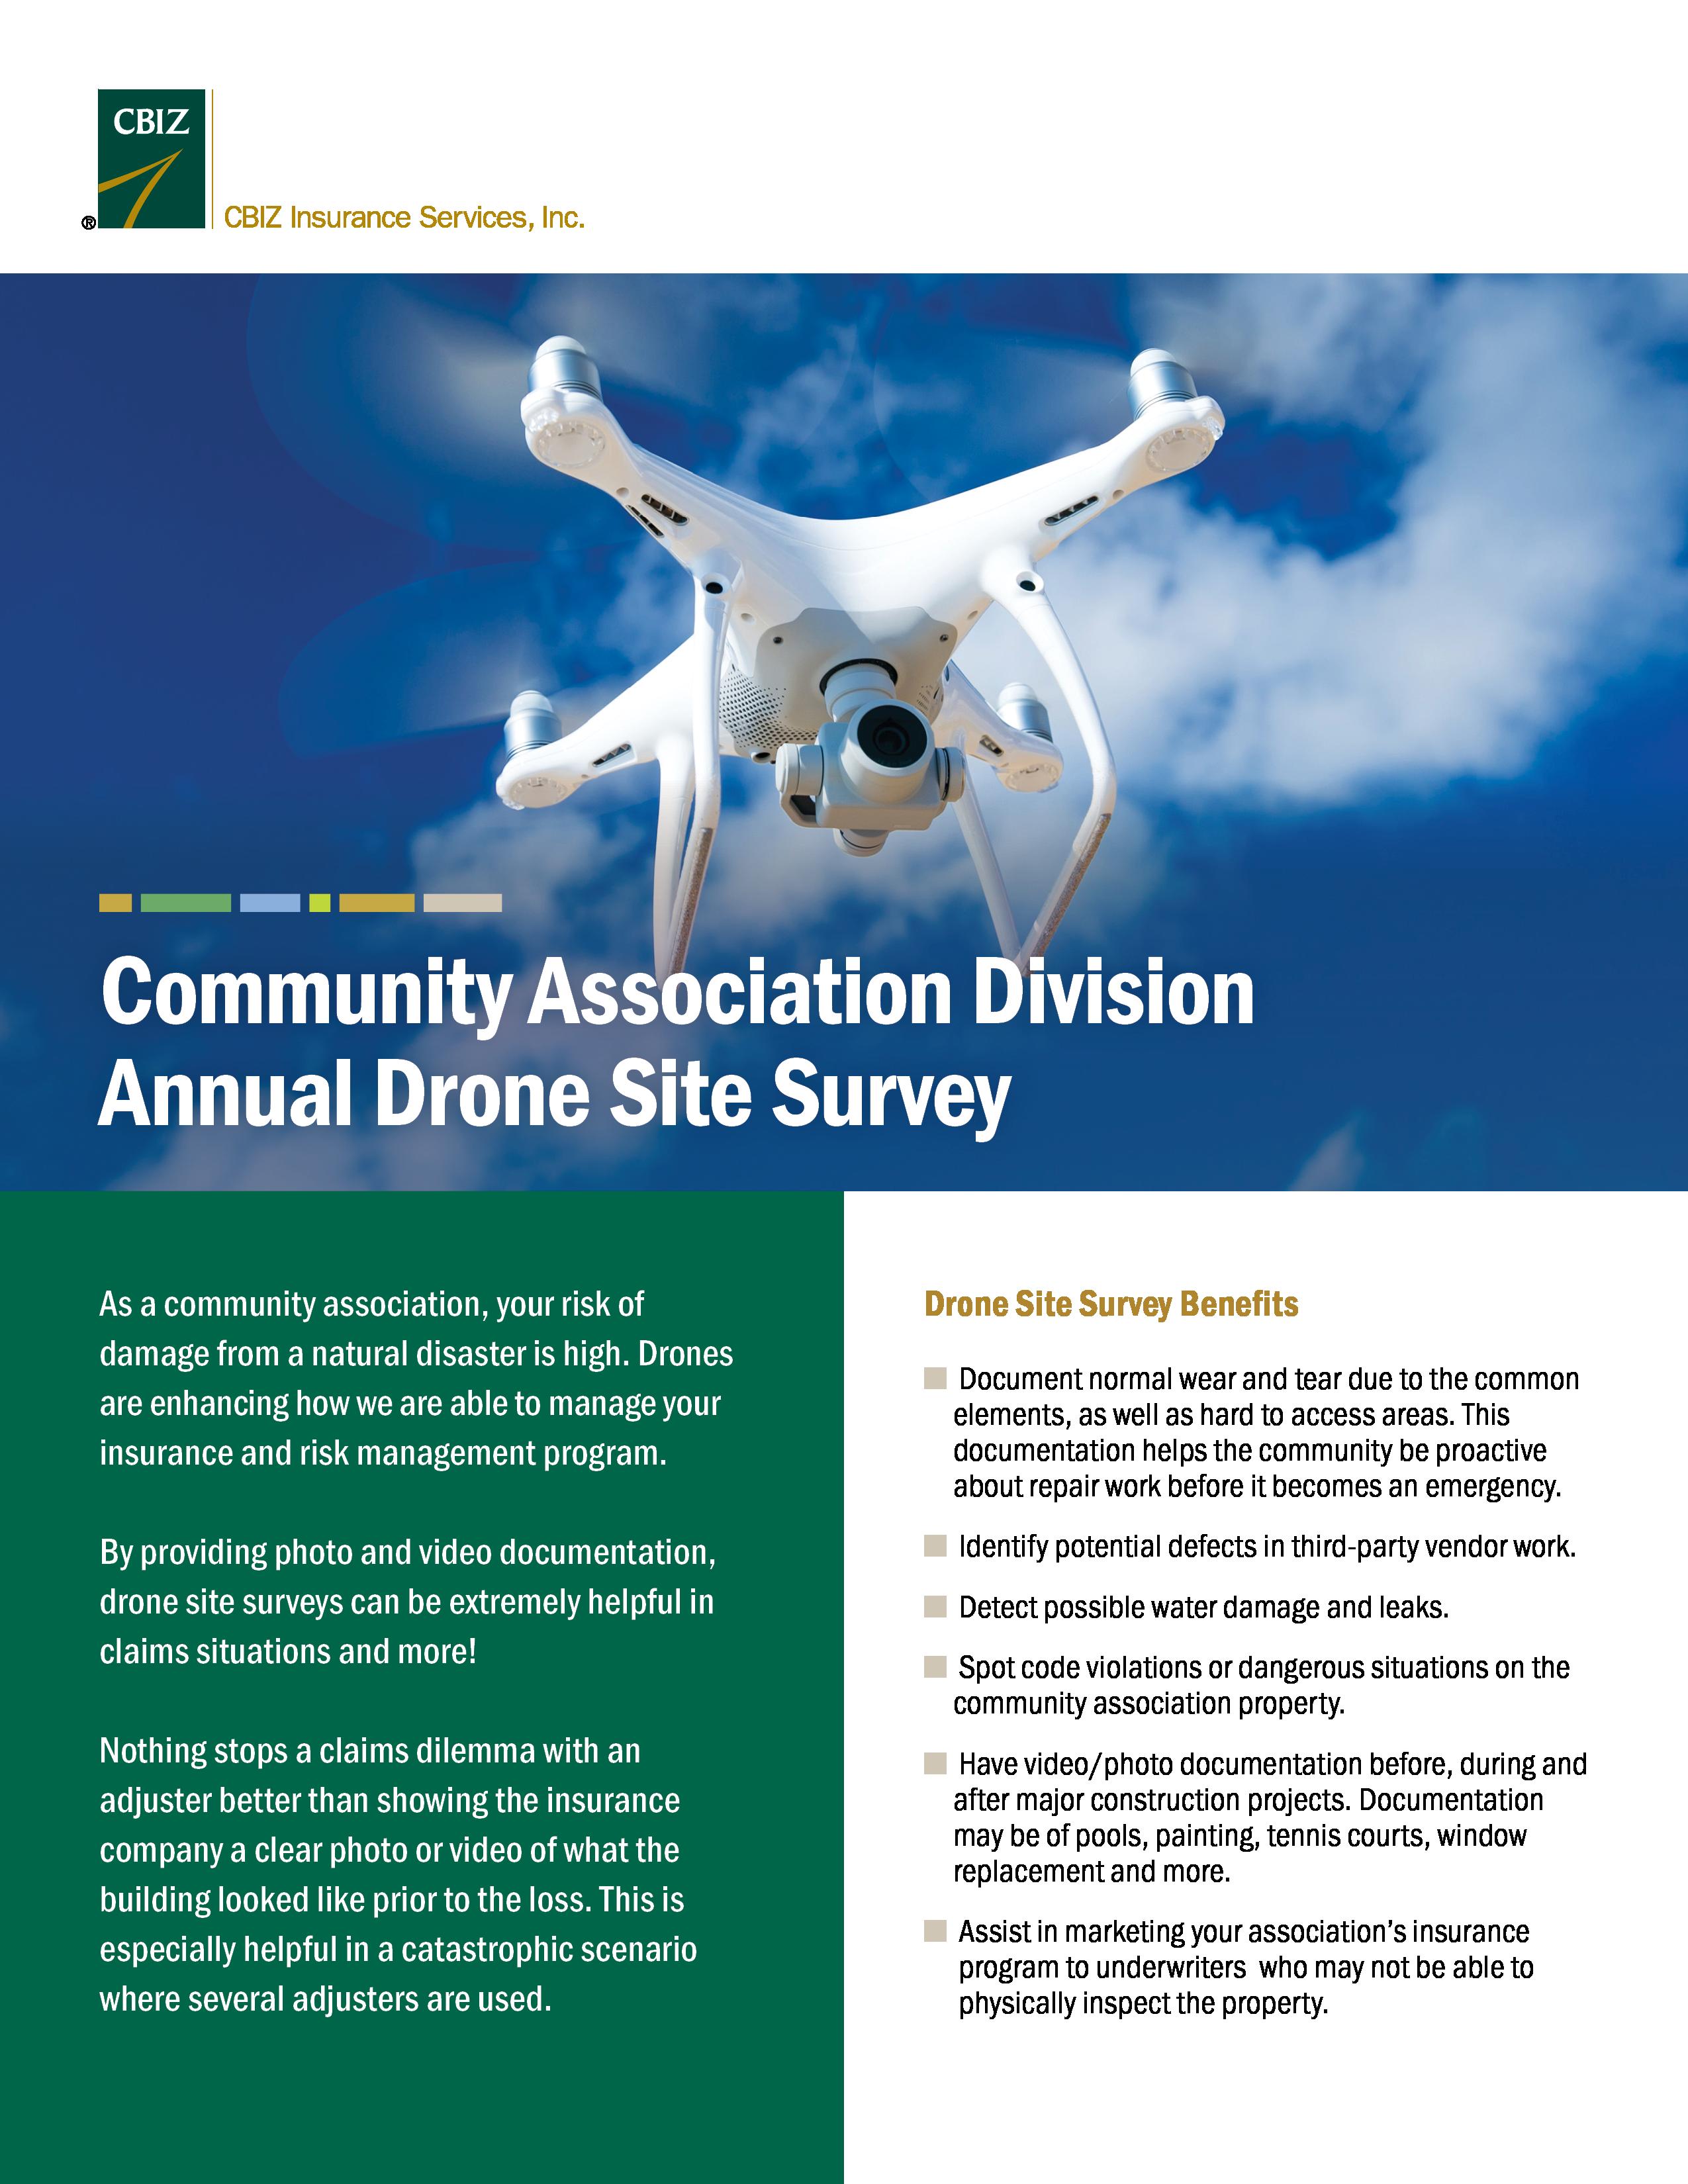 CBIZ P&C Drone Site Survey Services for Community Associations Flyer Image